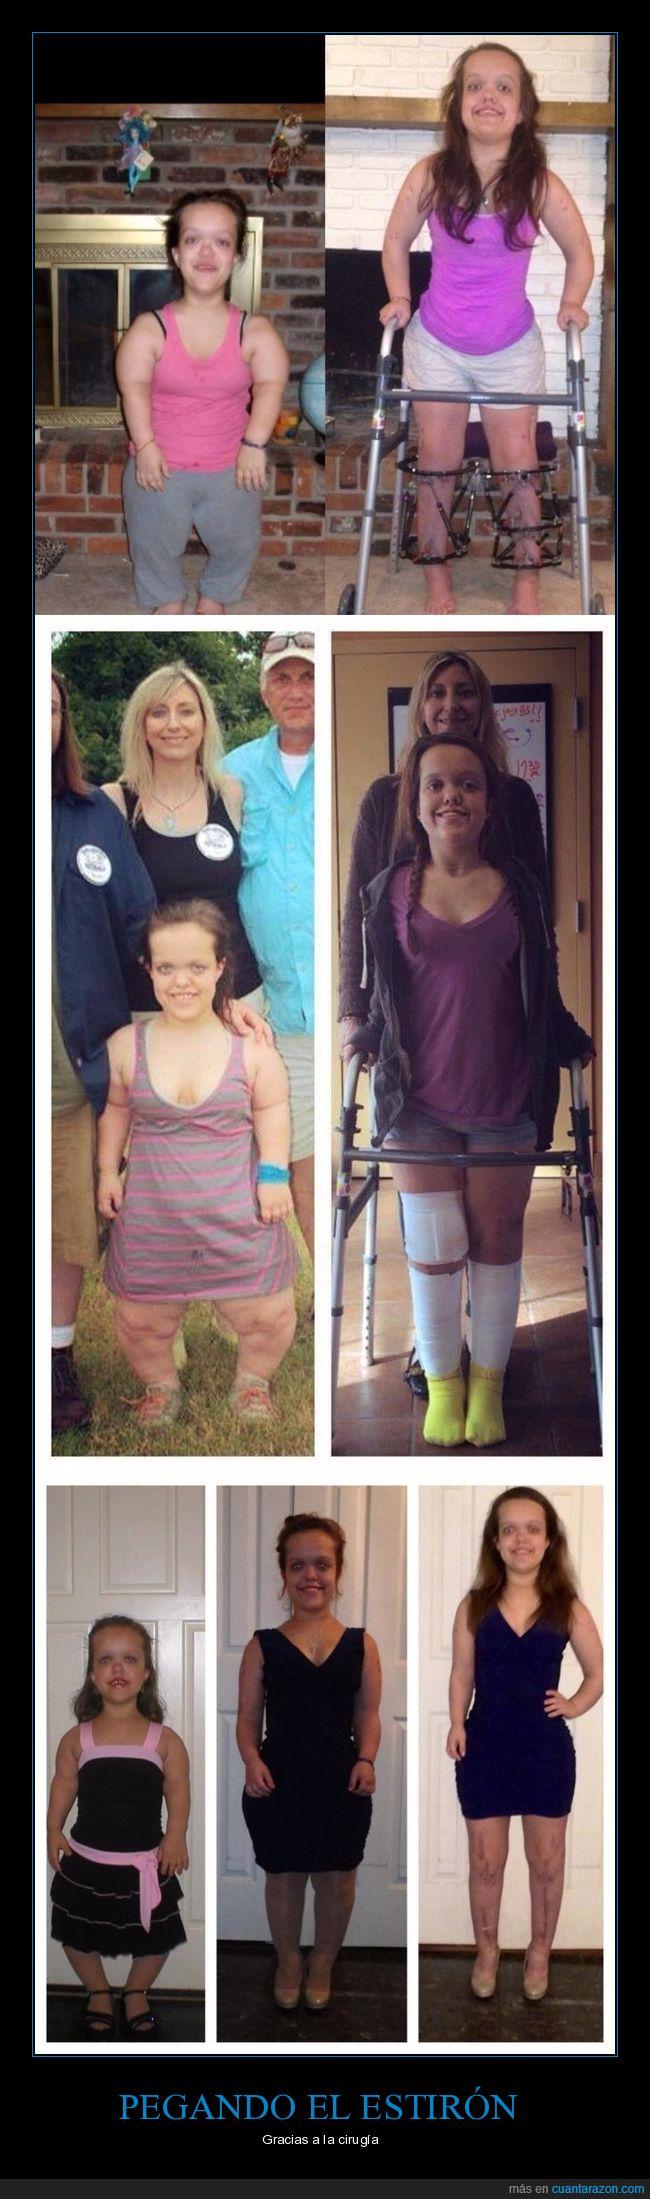 cirugía,enana,estatura,operación,piernas